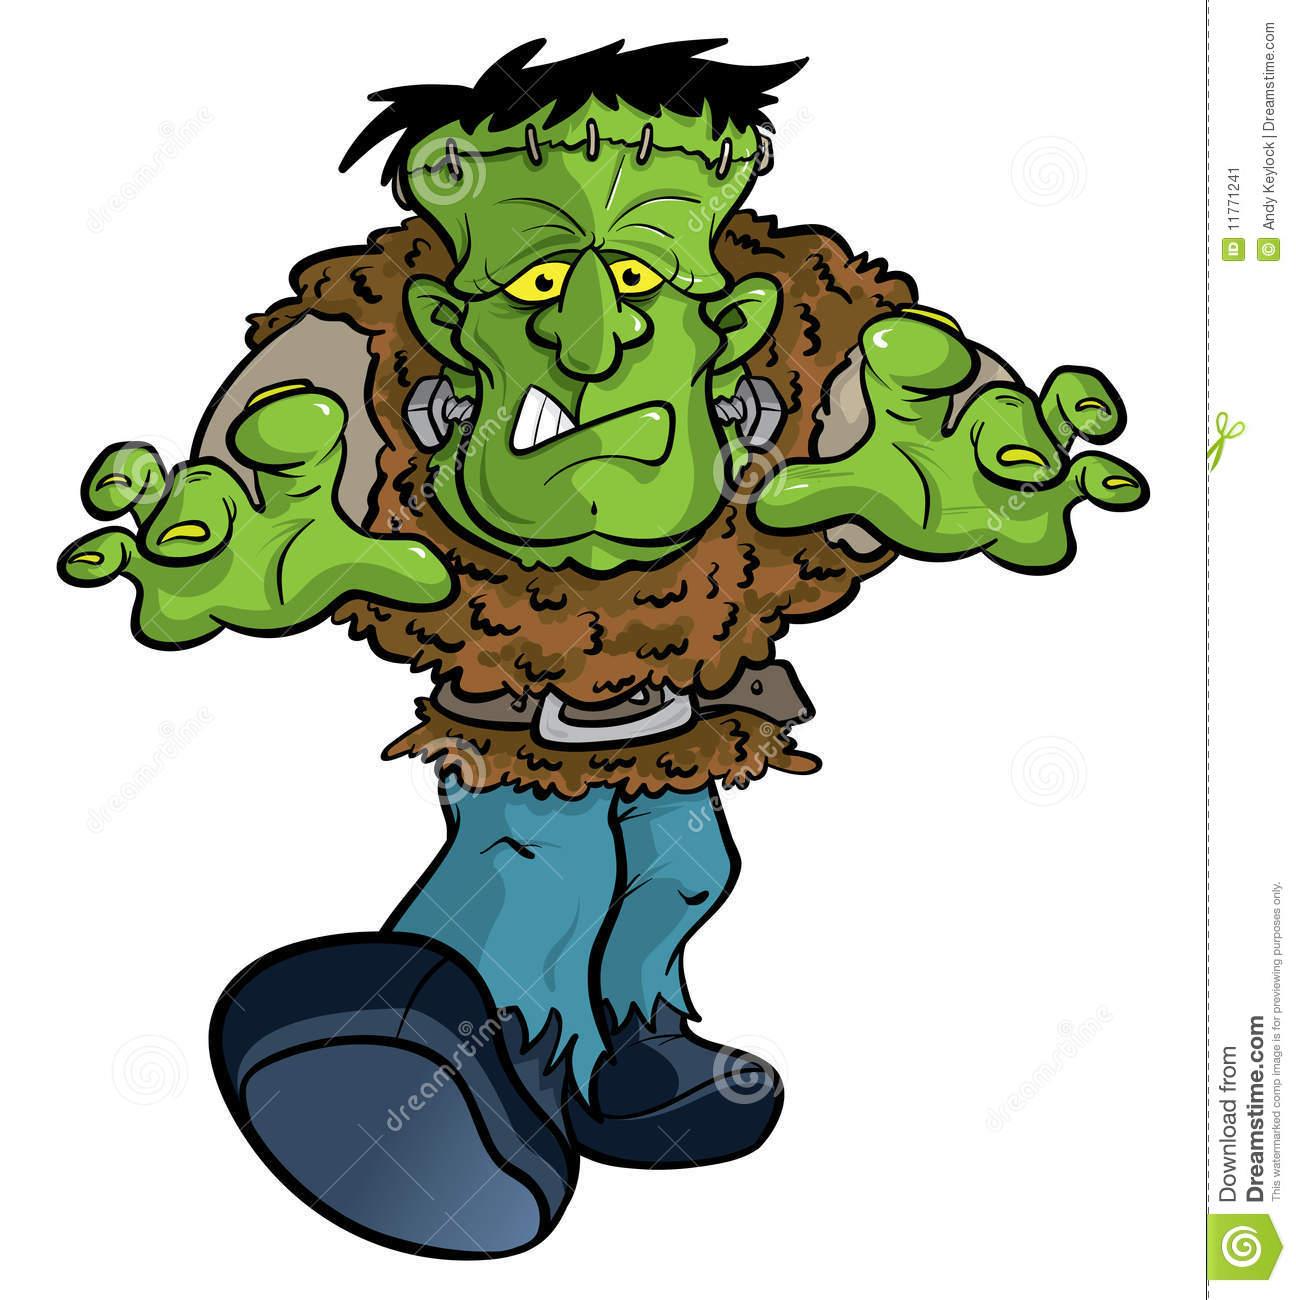 Frankenstein clipart hand, Frankenstein hand Transparent.